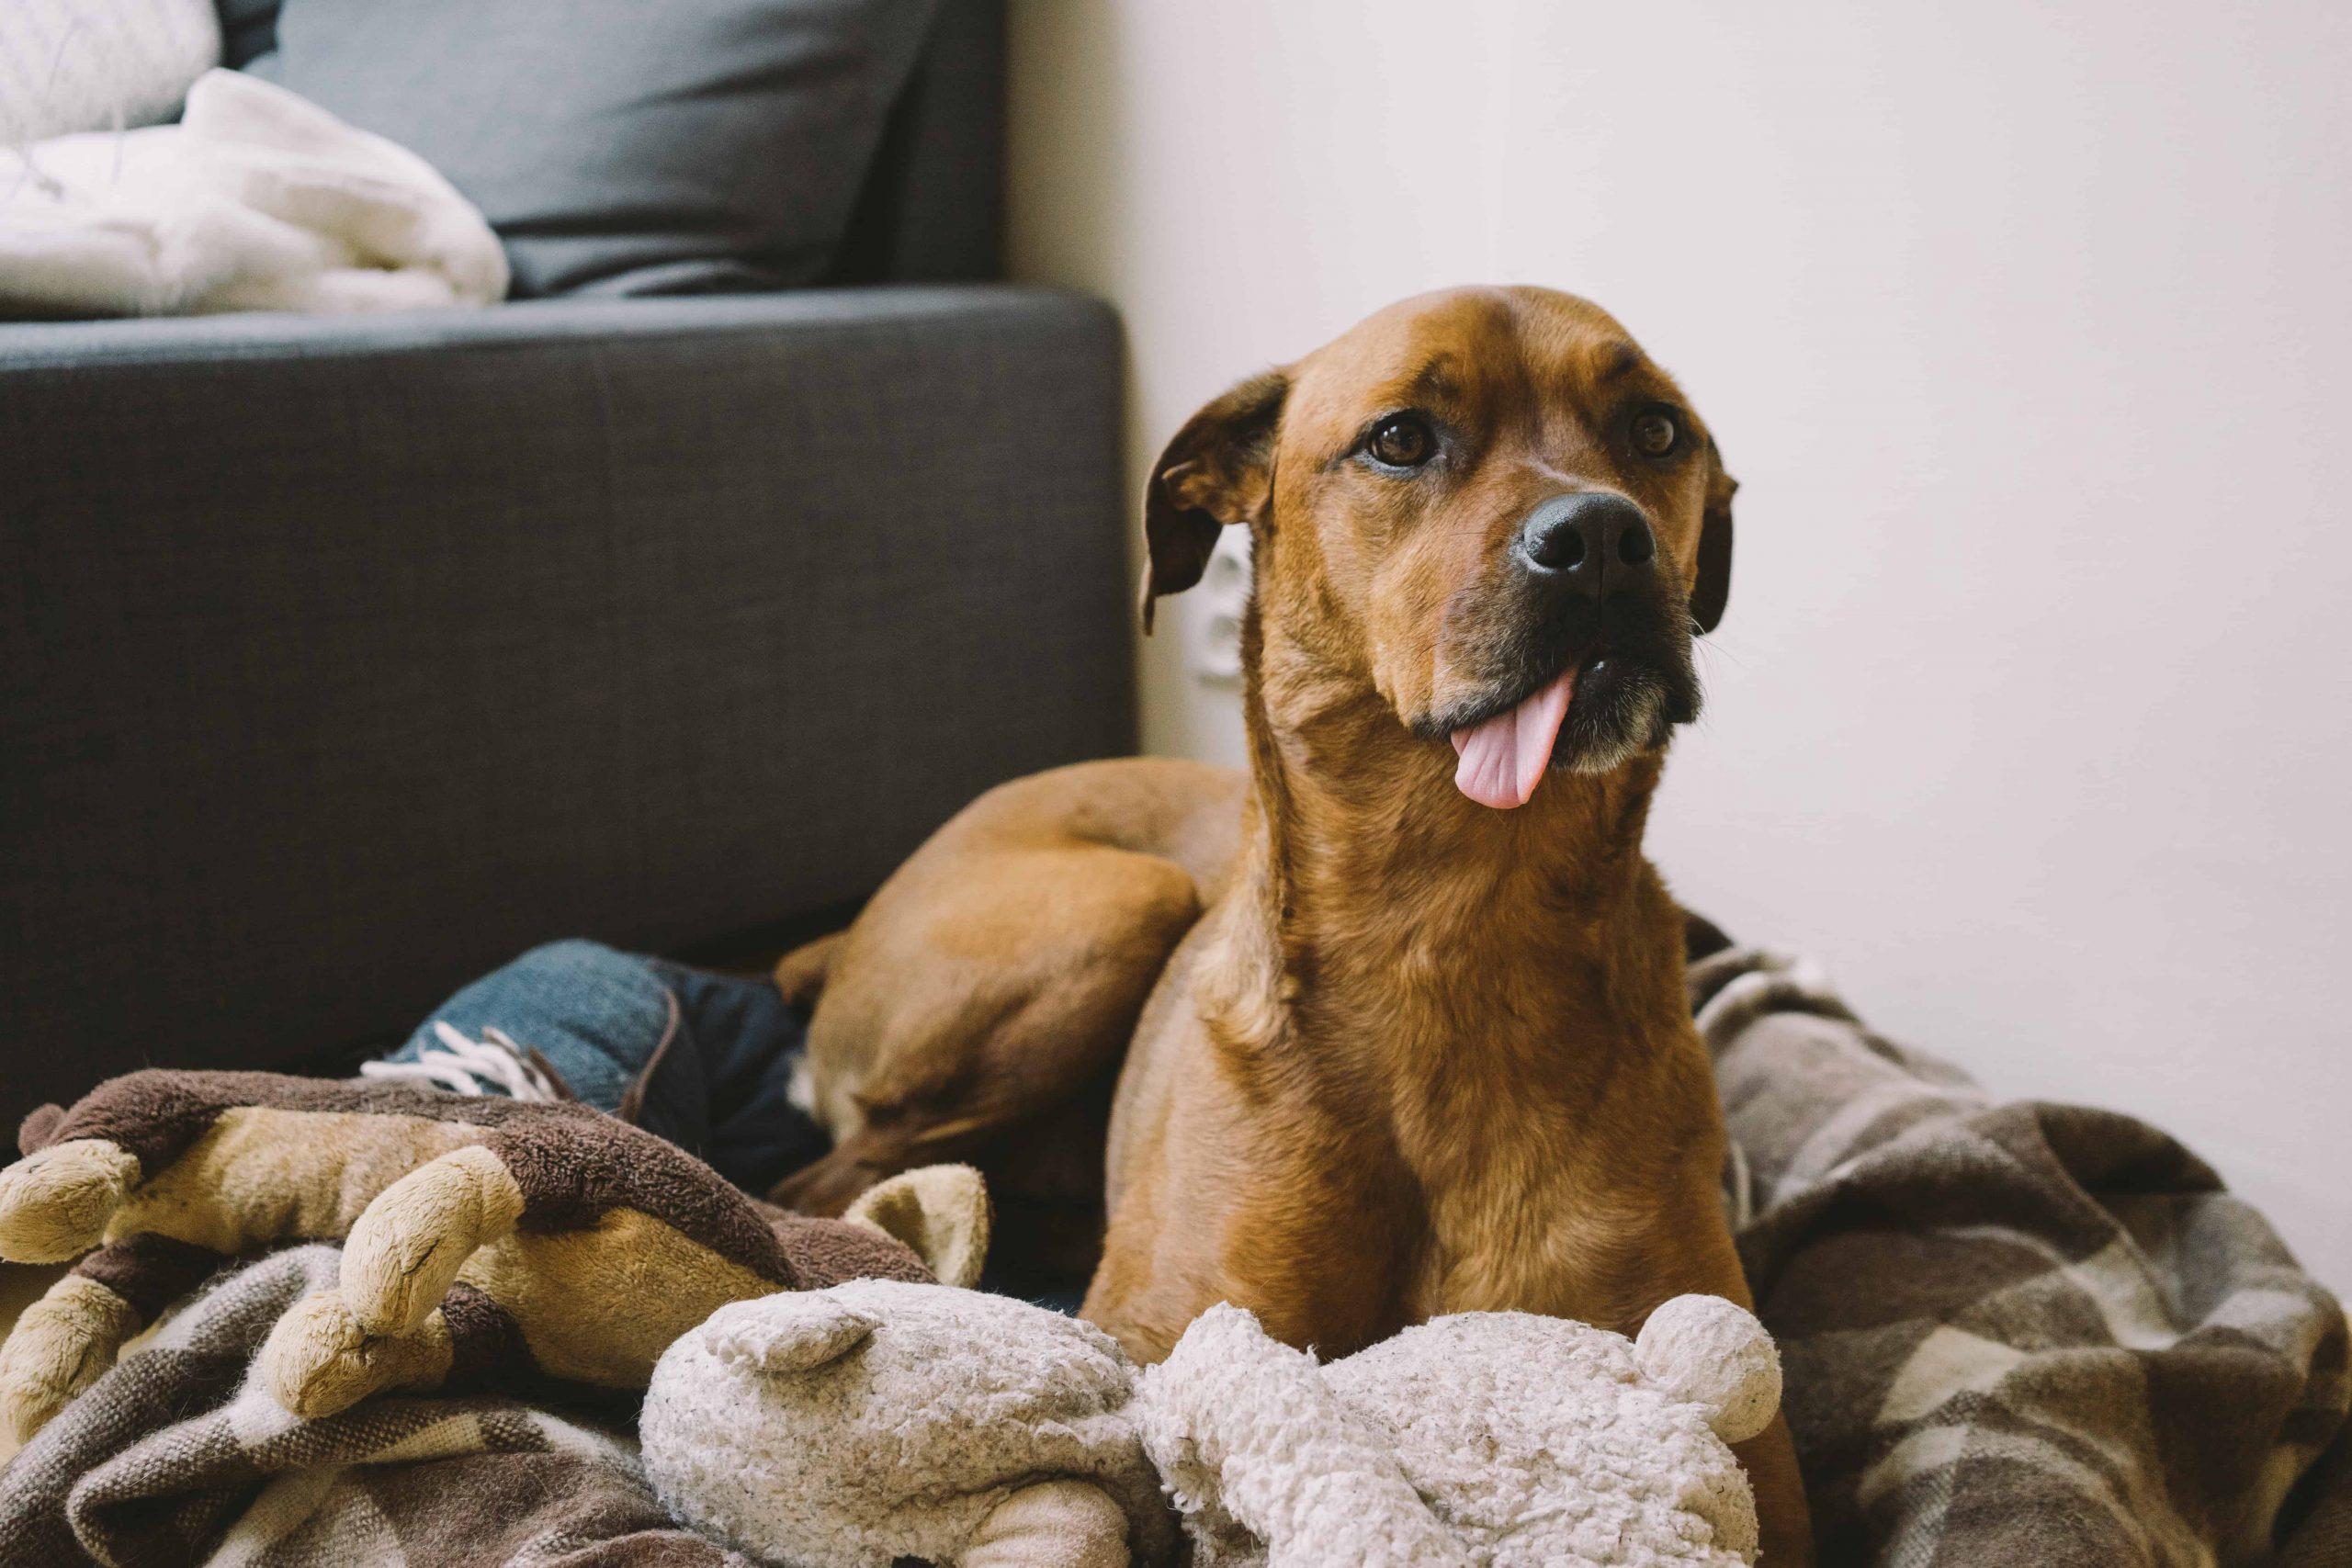 Hundespielzeug: Test & Empfehlungen (03/21)